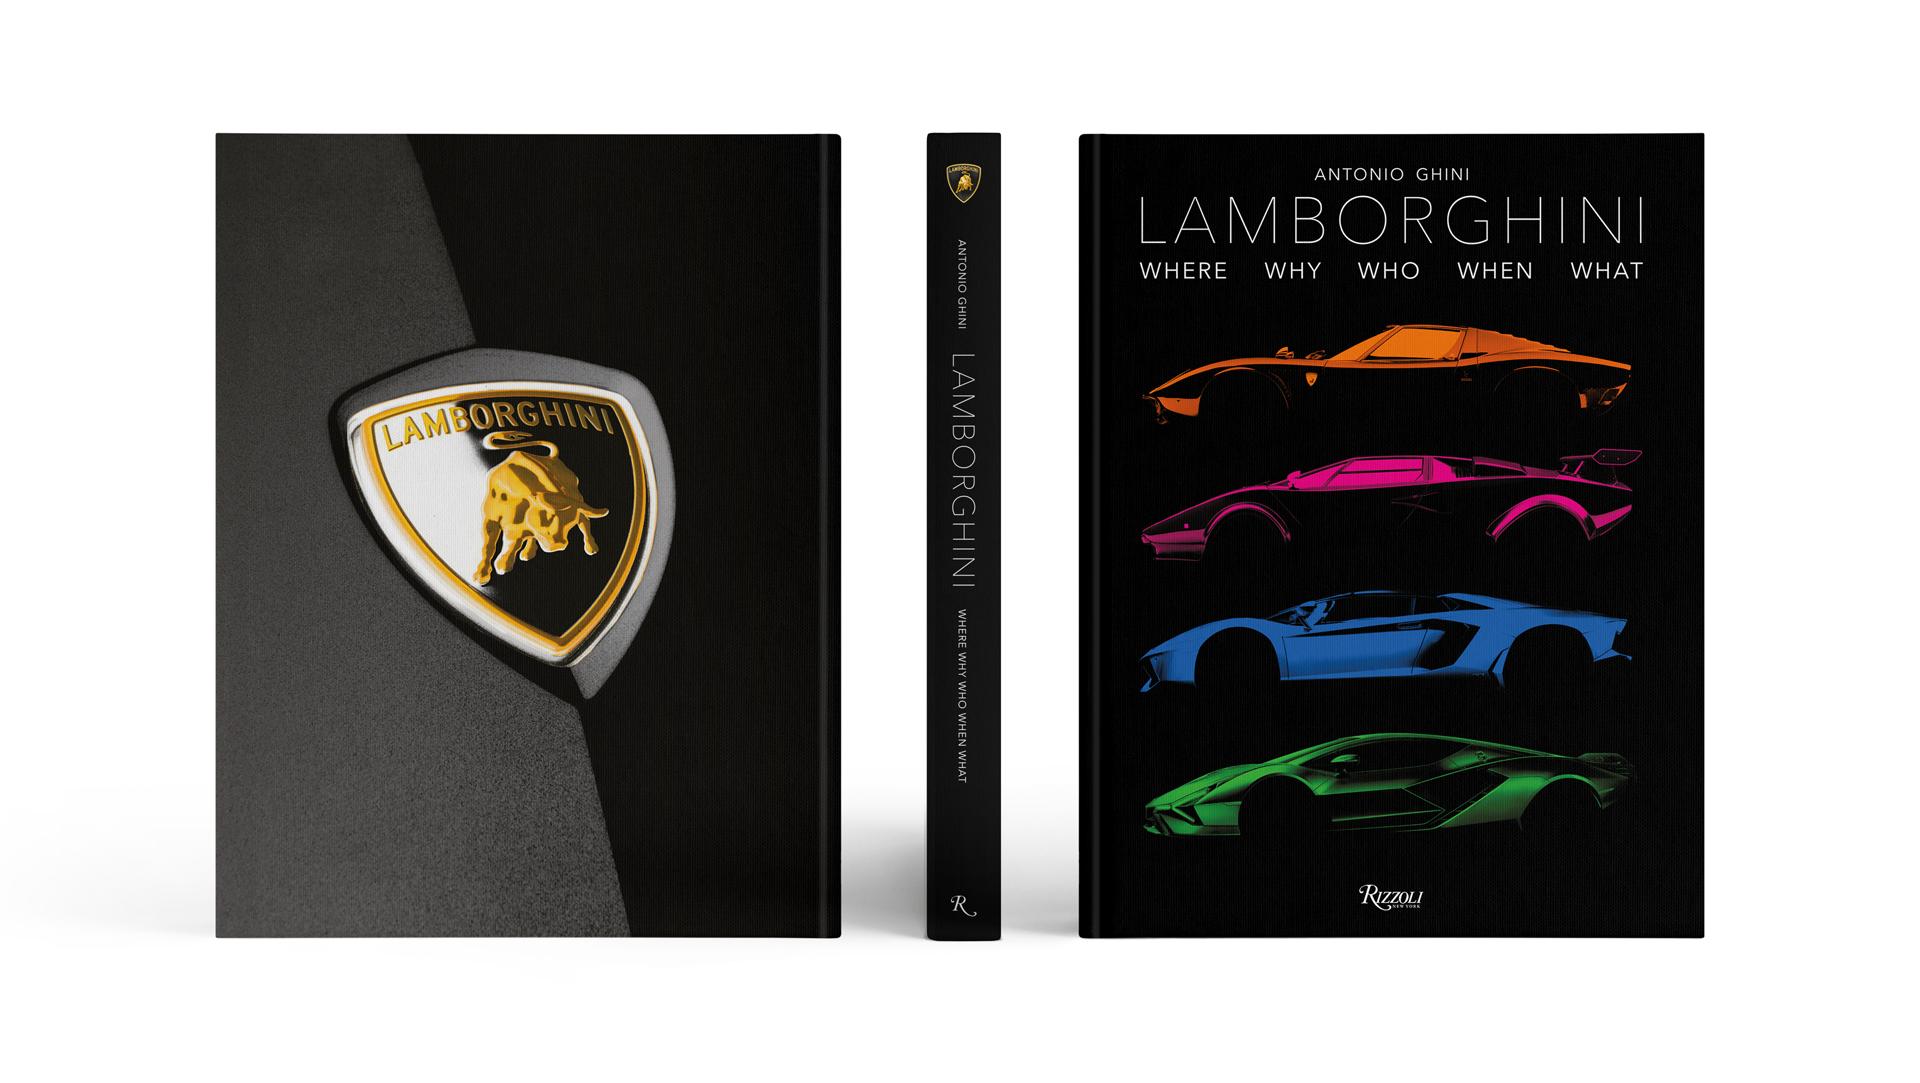 Lamborghini_stesa_cover_giulia_faraon